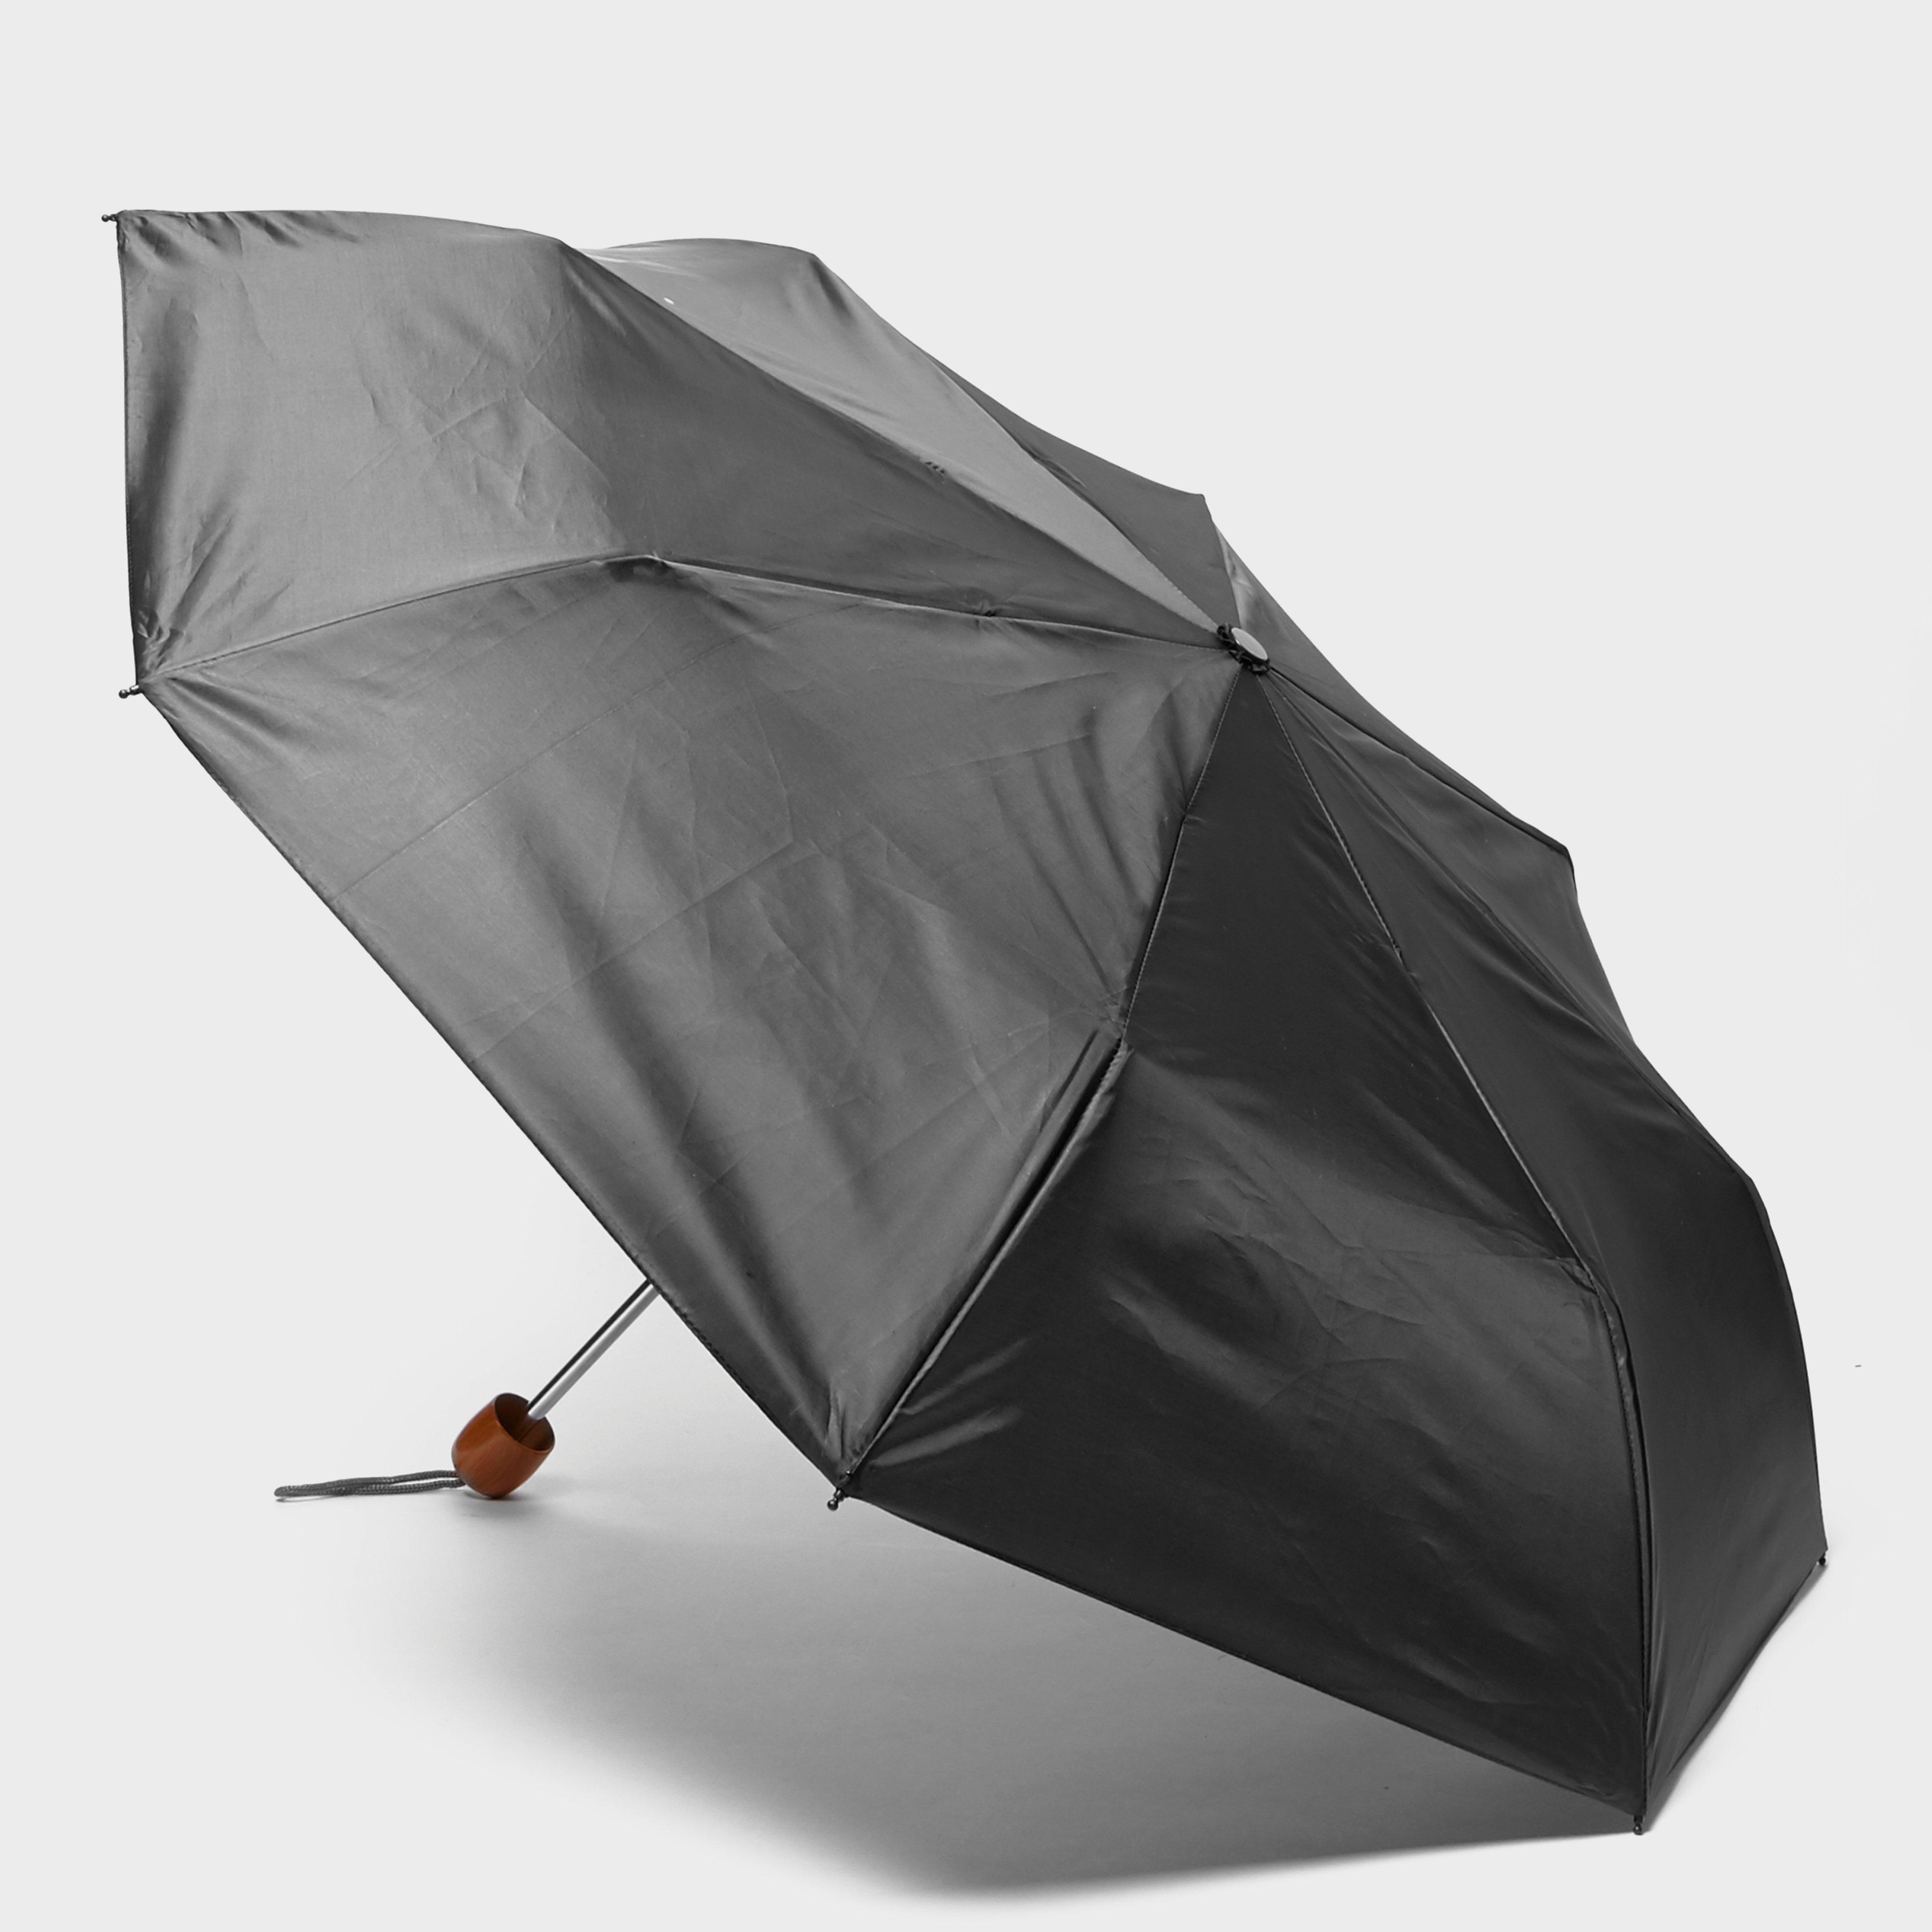 Image of Peter Storm Mini Compact Umbrella - Black/Blk, Black/BLK